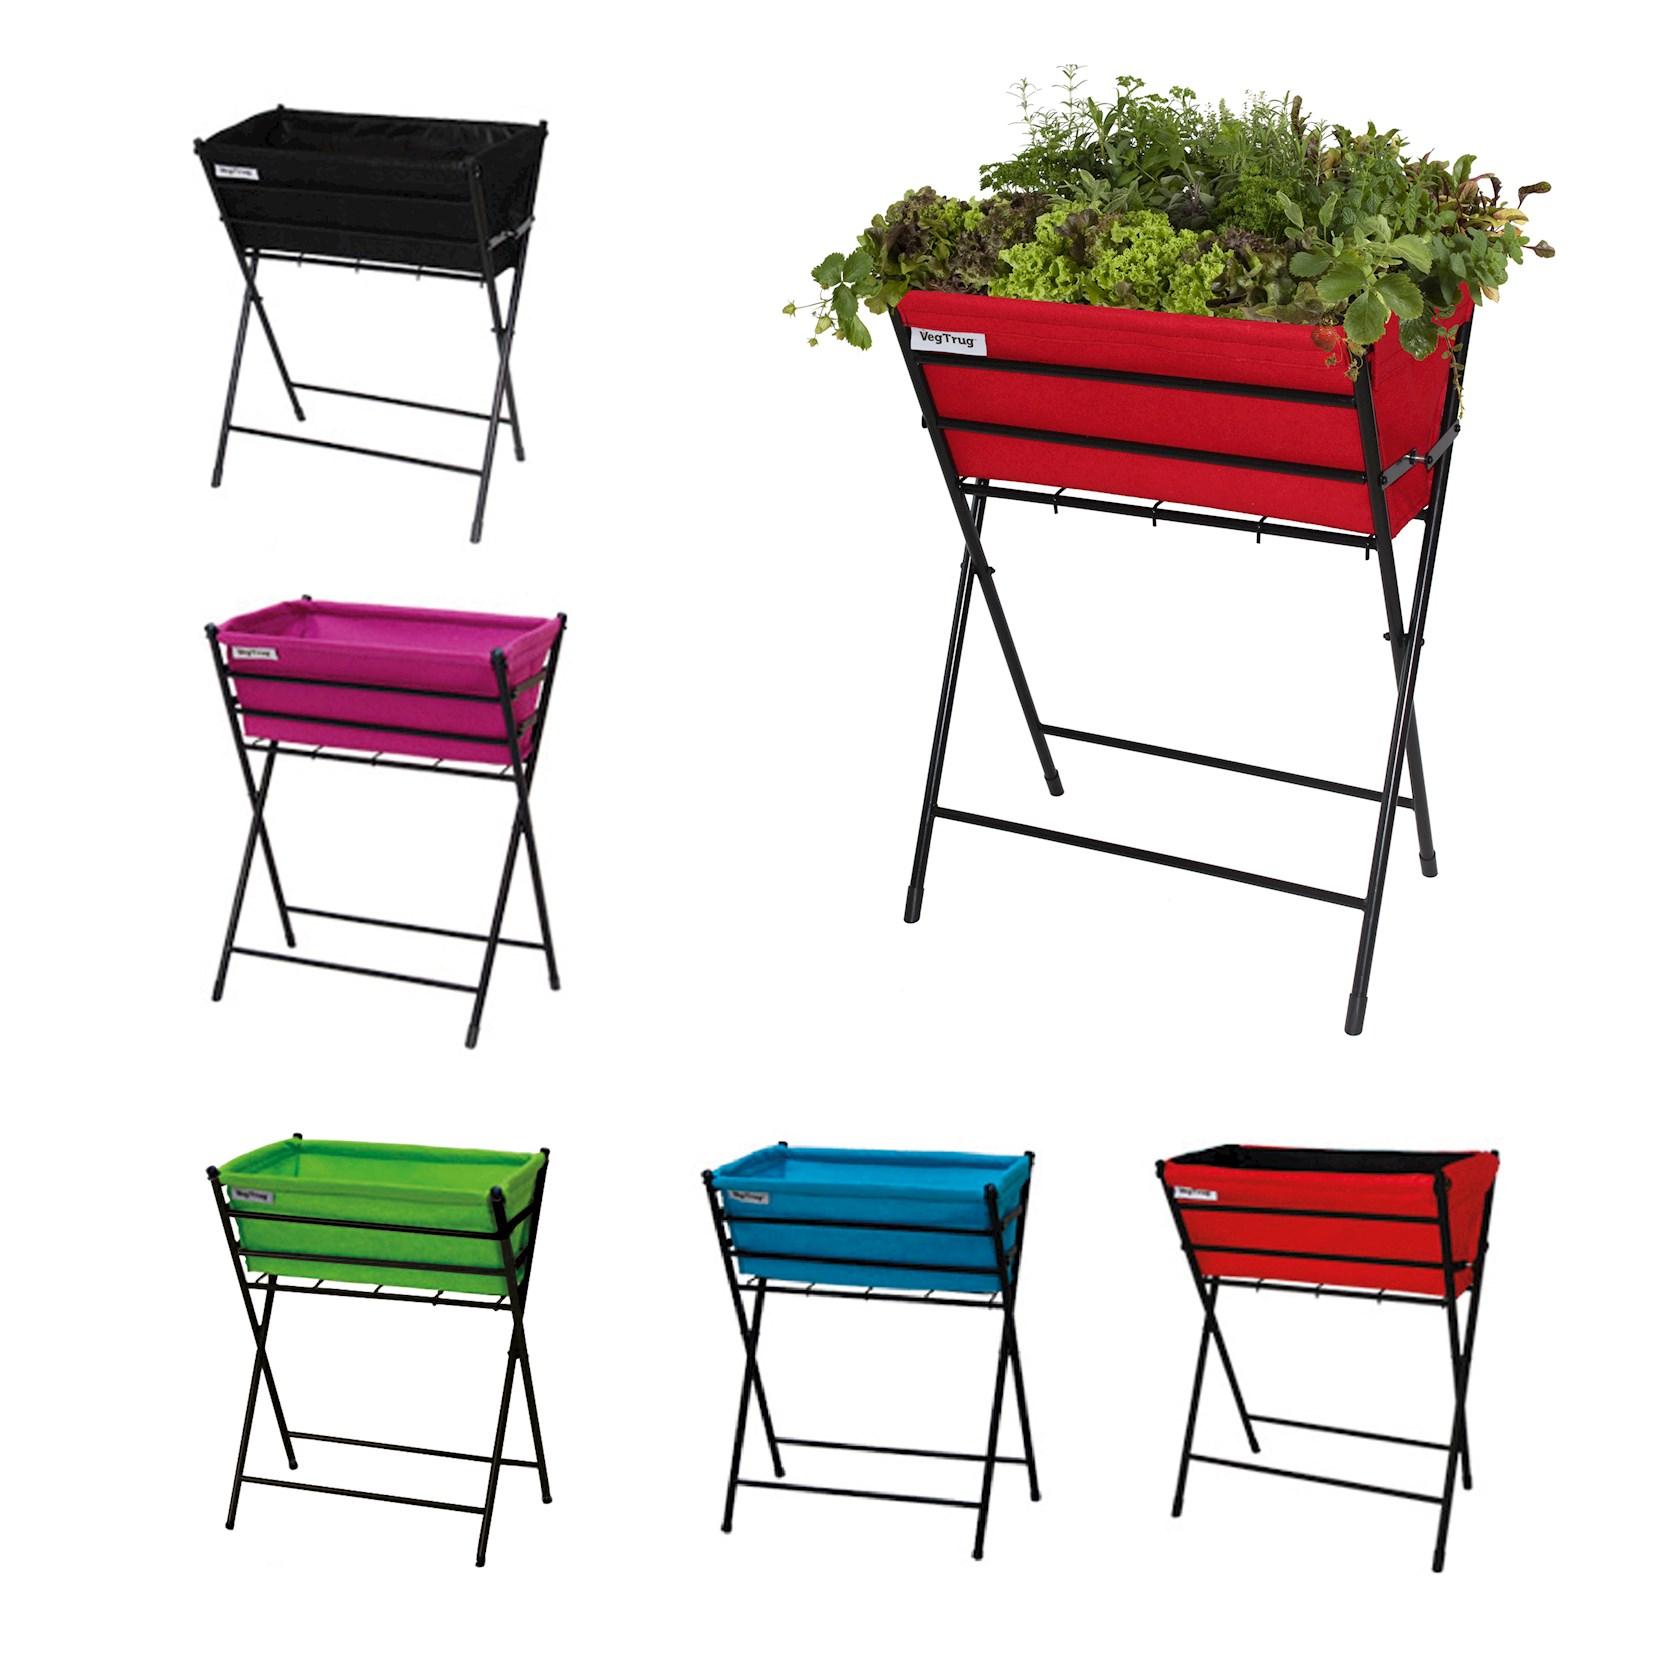 Vegtrug-poppy-rood-65-x-40-x-H79-cm